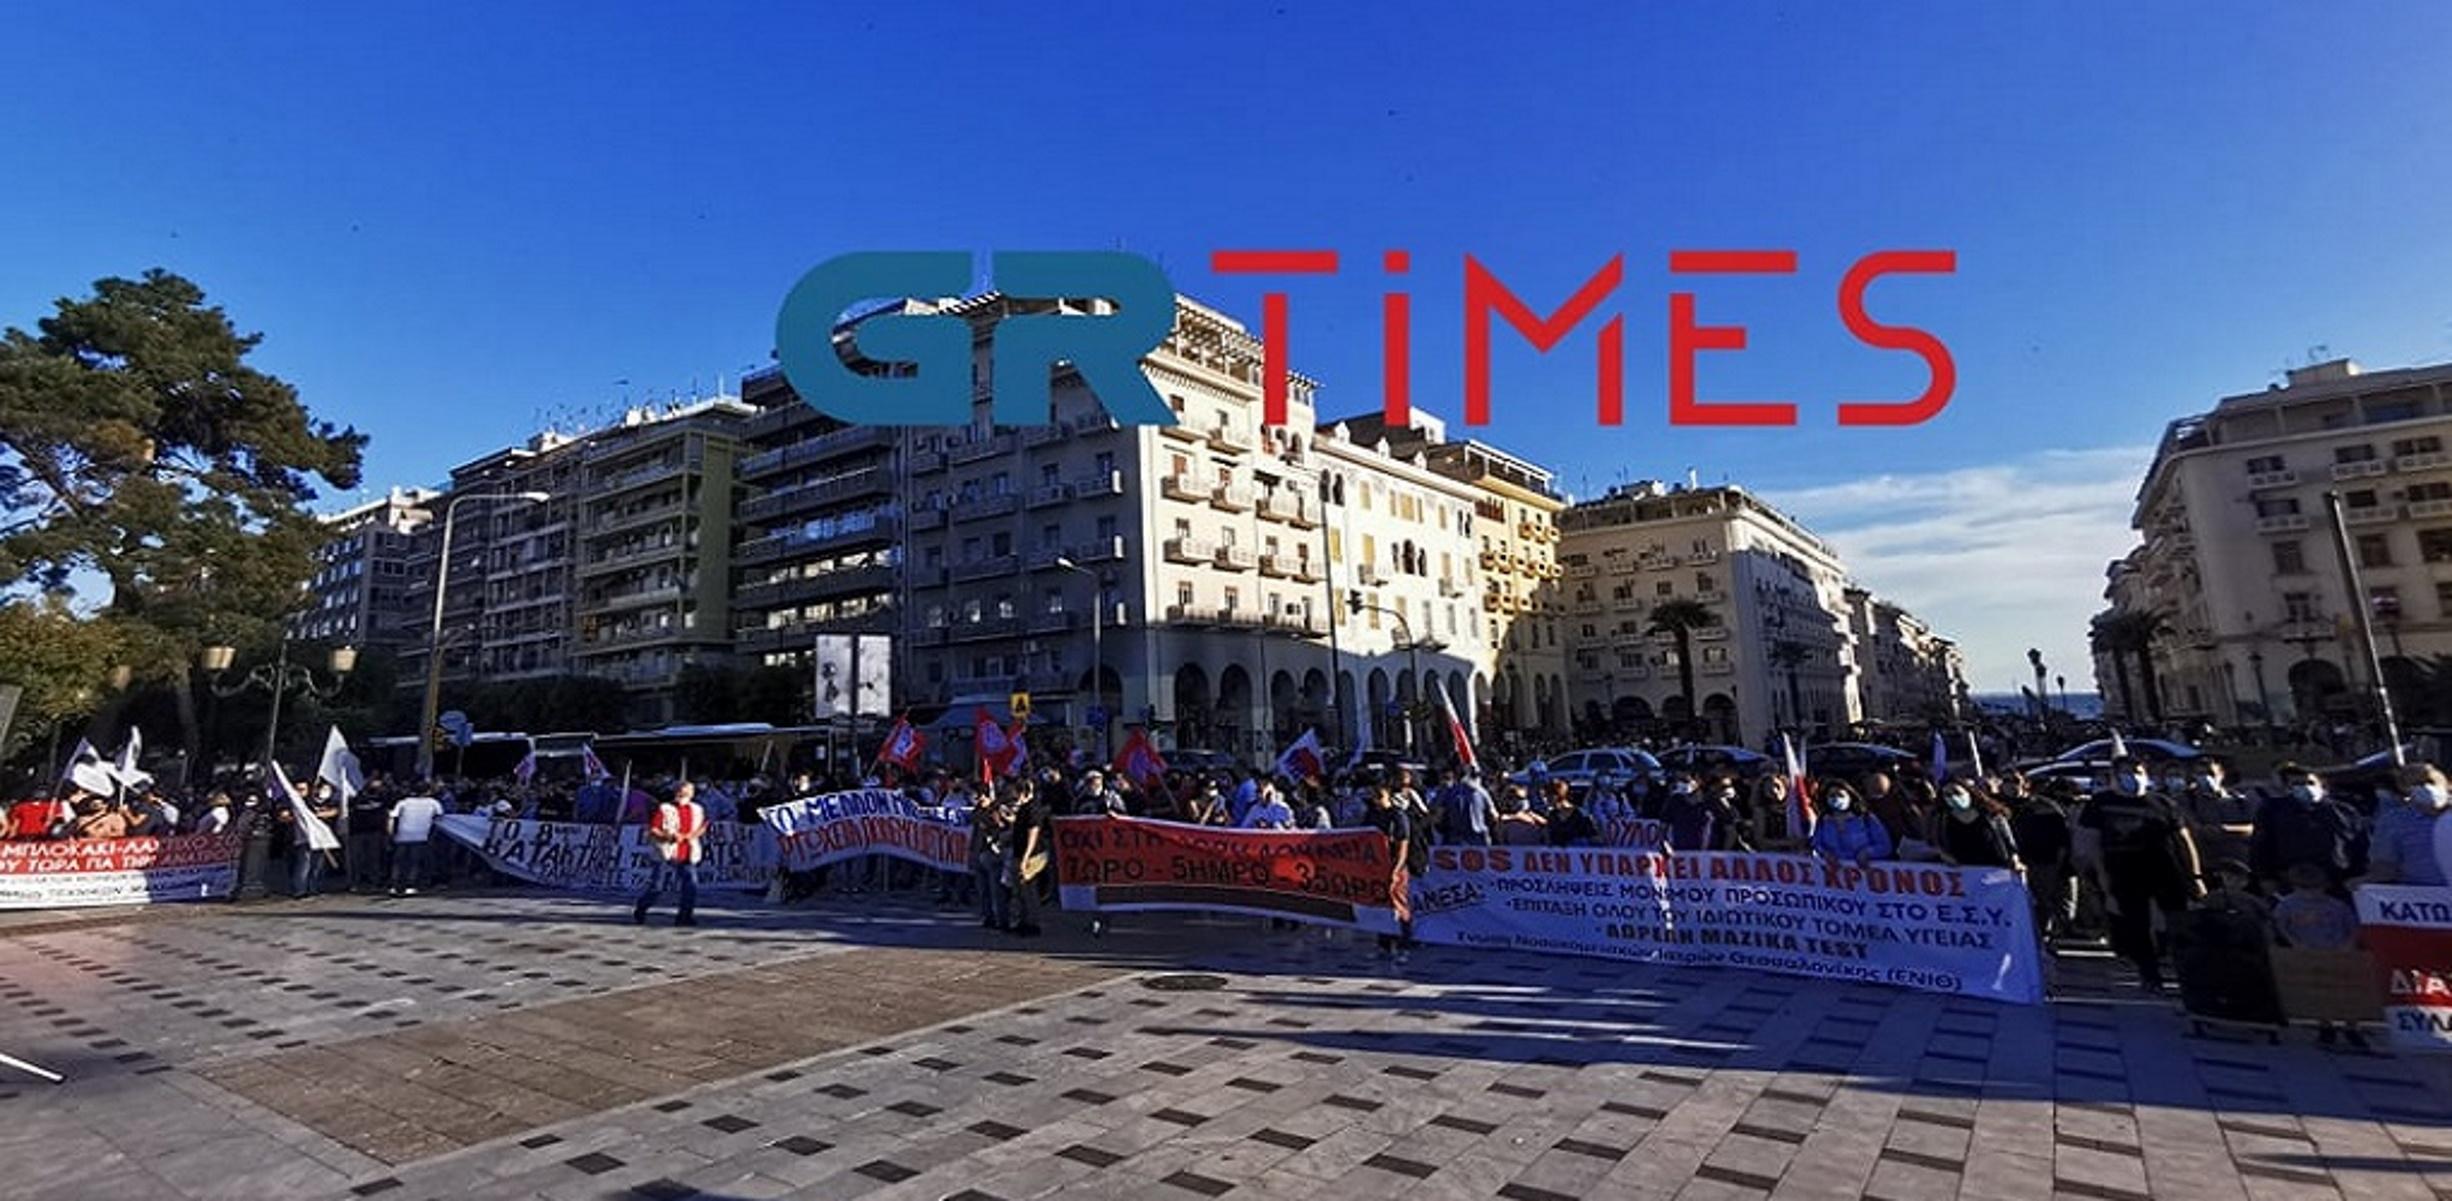 Συλλαλητήριο για το εργασιακό νομοσχέδιο στη Θεσσαλονίκη – «Όχι στη 13ωρη δουλειά» (pics, vid)